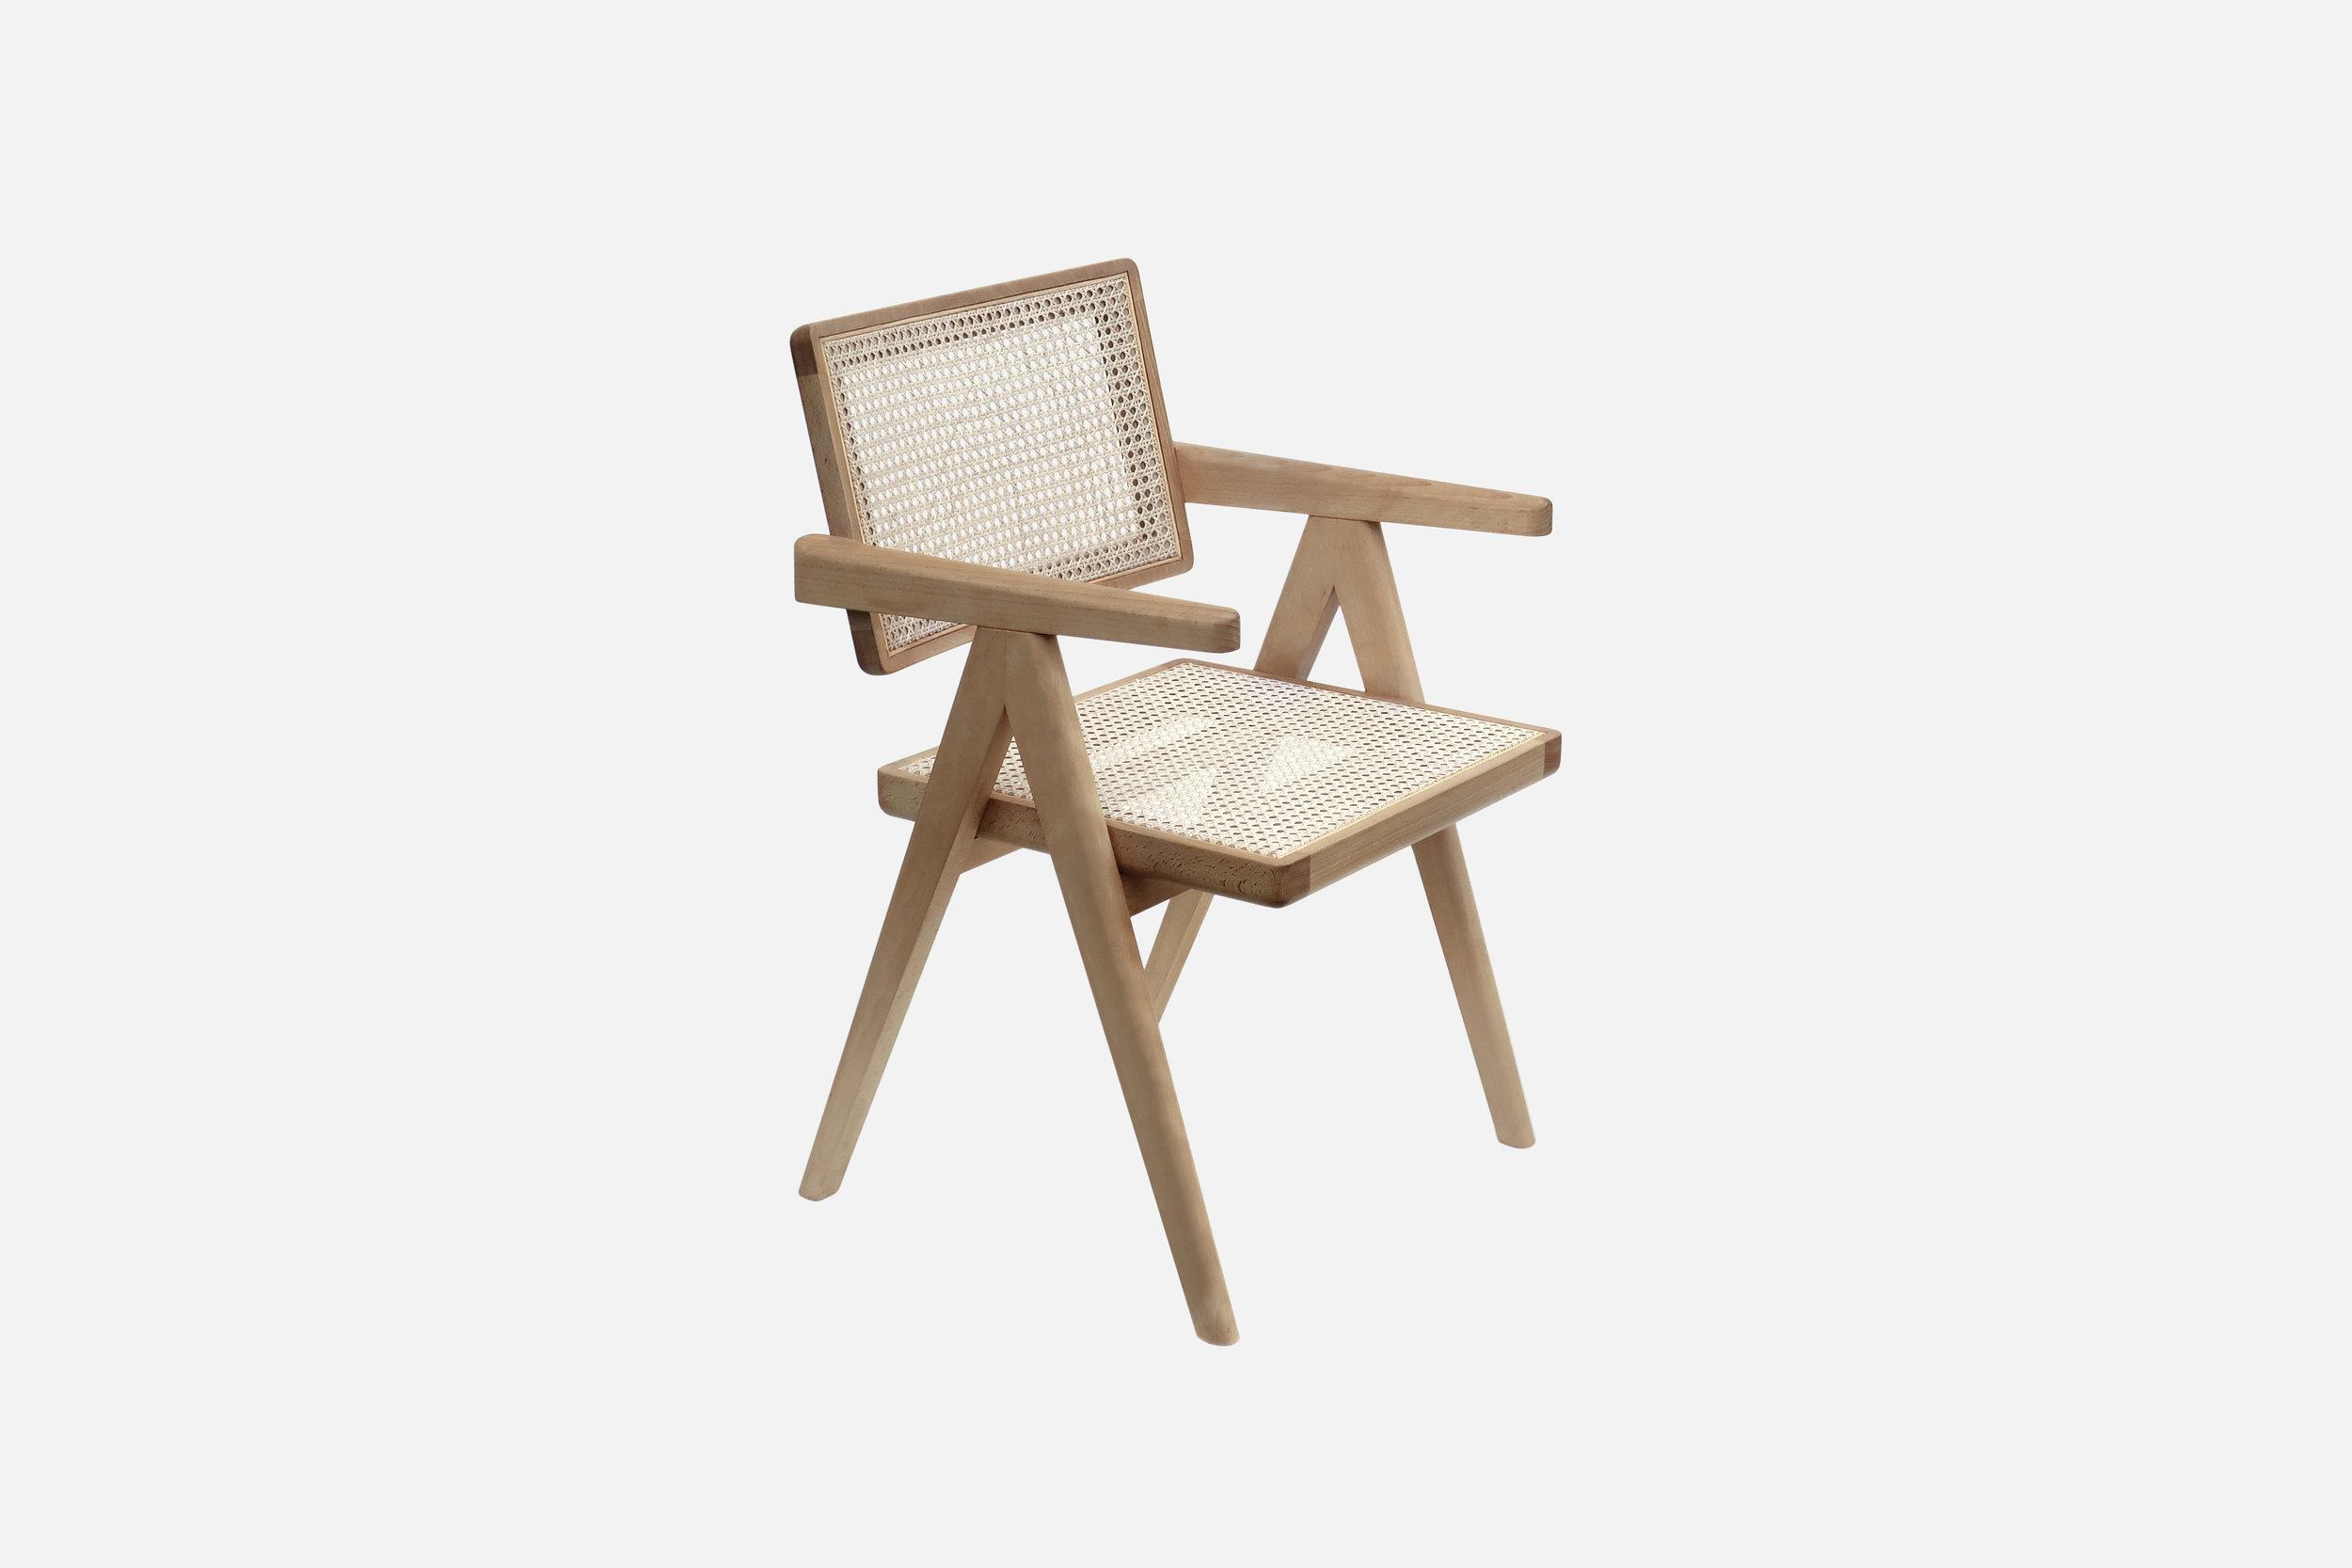 01_Cadeira-de-Madeira.jpg